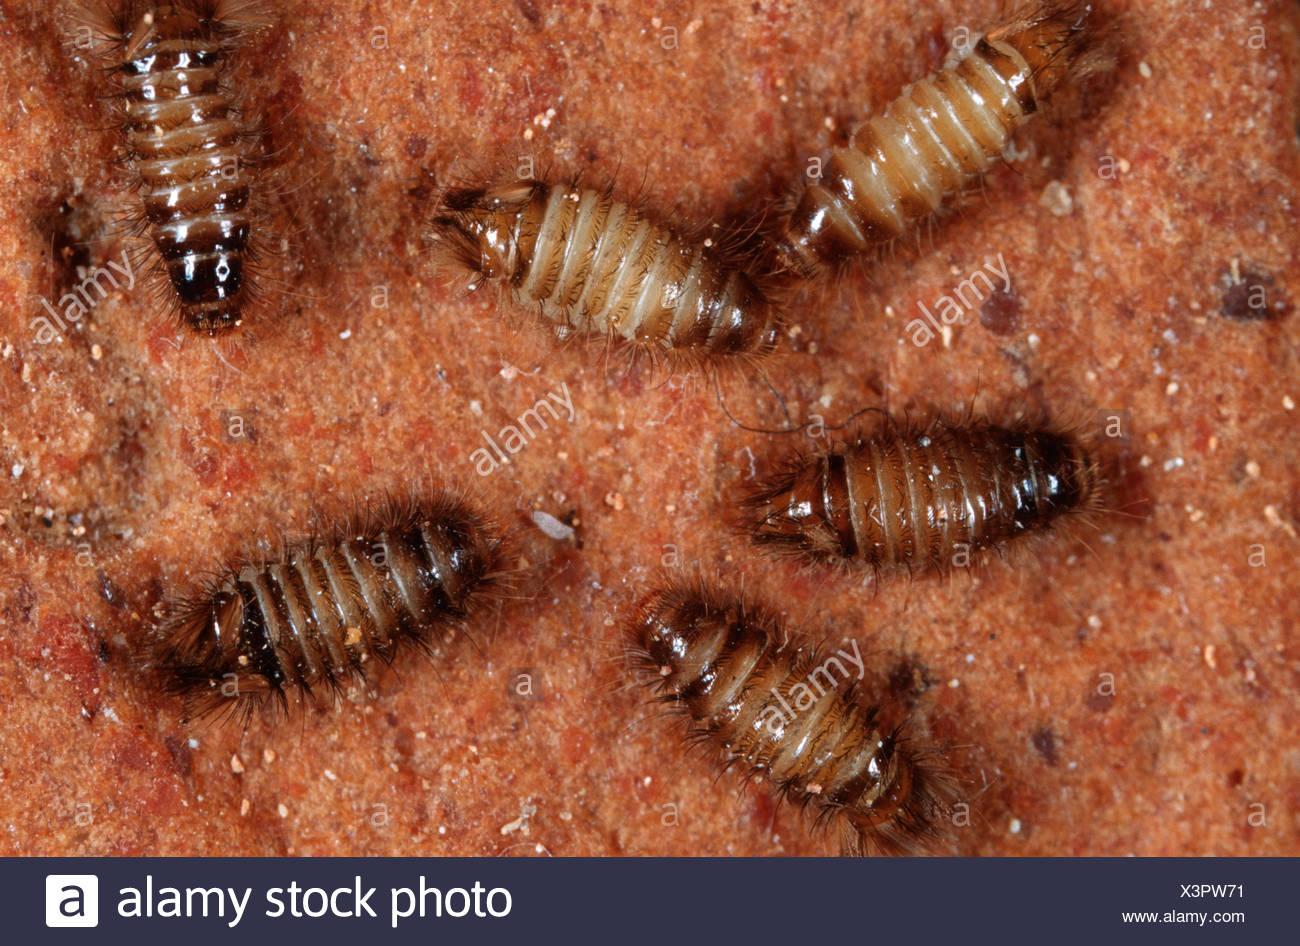 varied carpet beetle (Anthrenus verbasci), top view Stock Photo